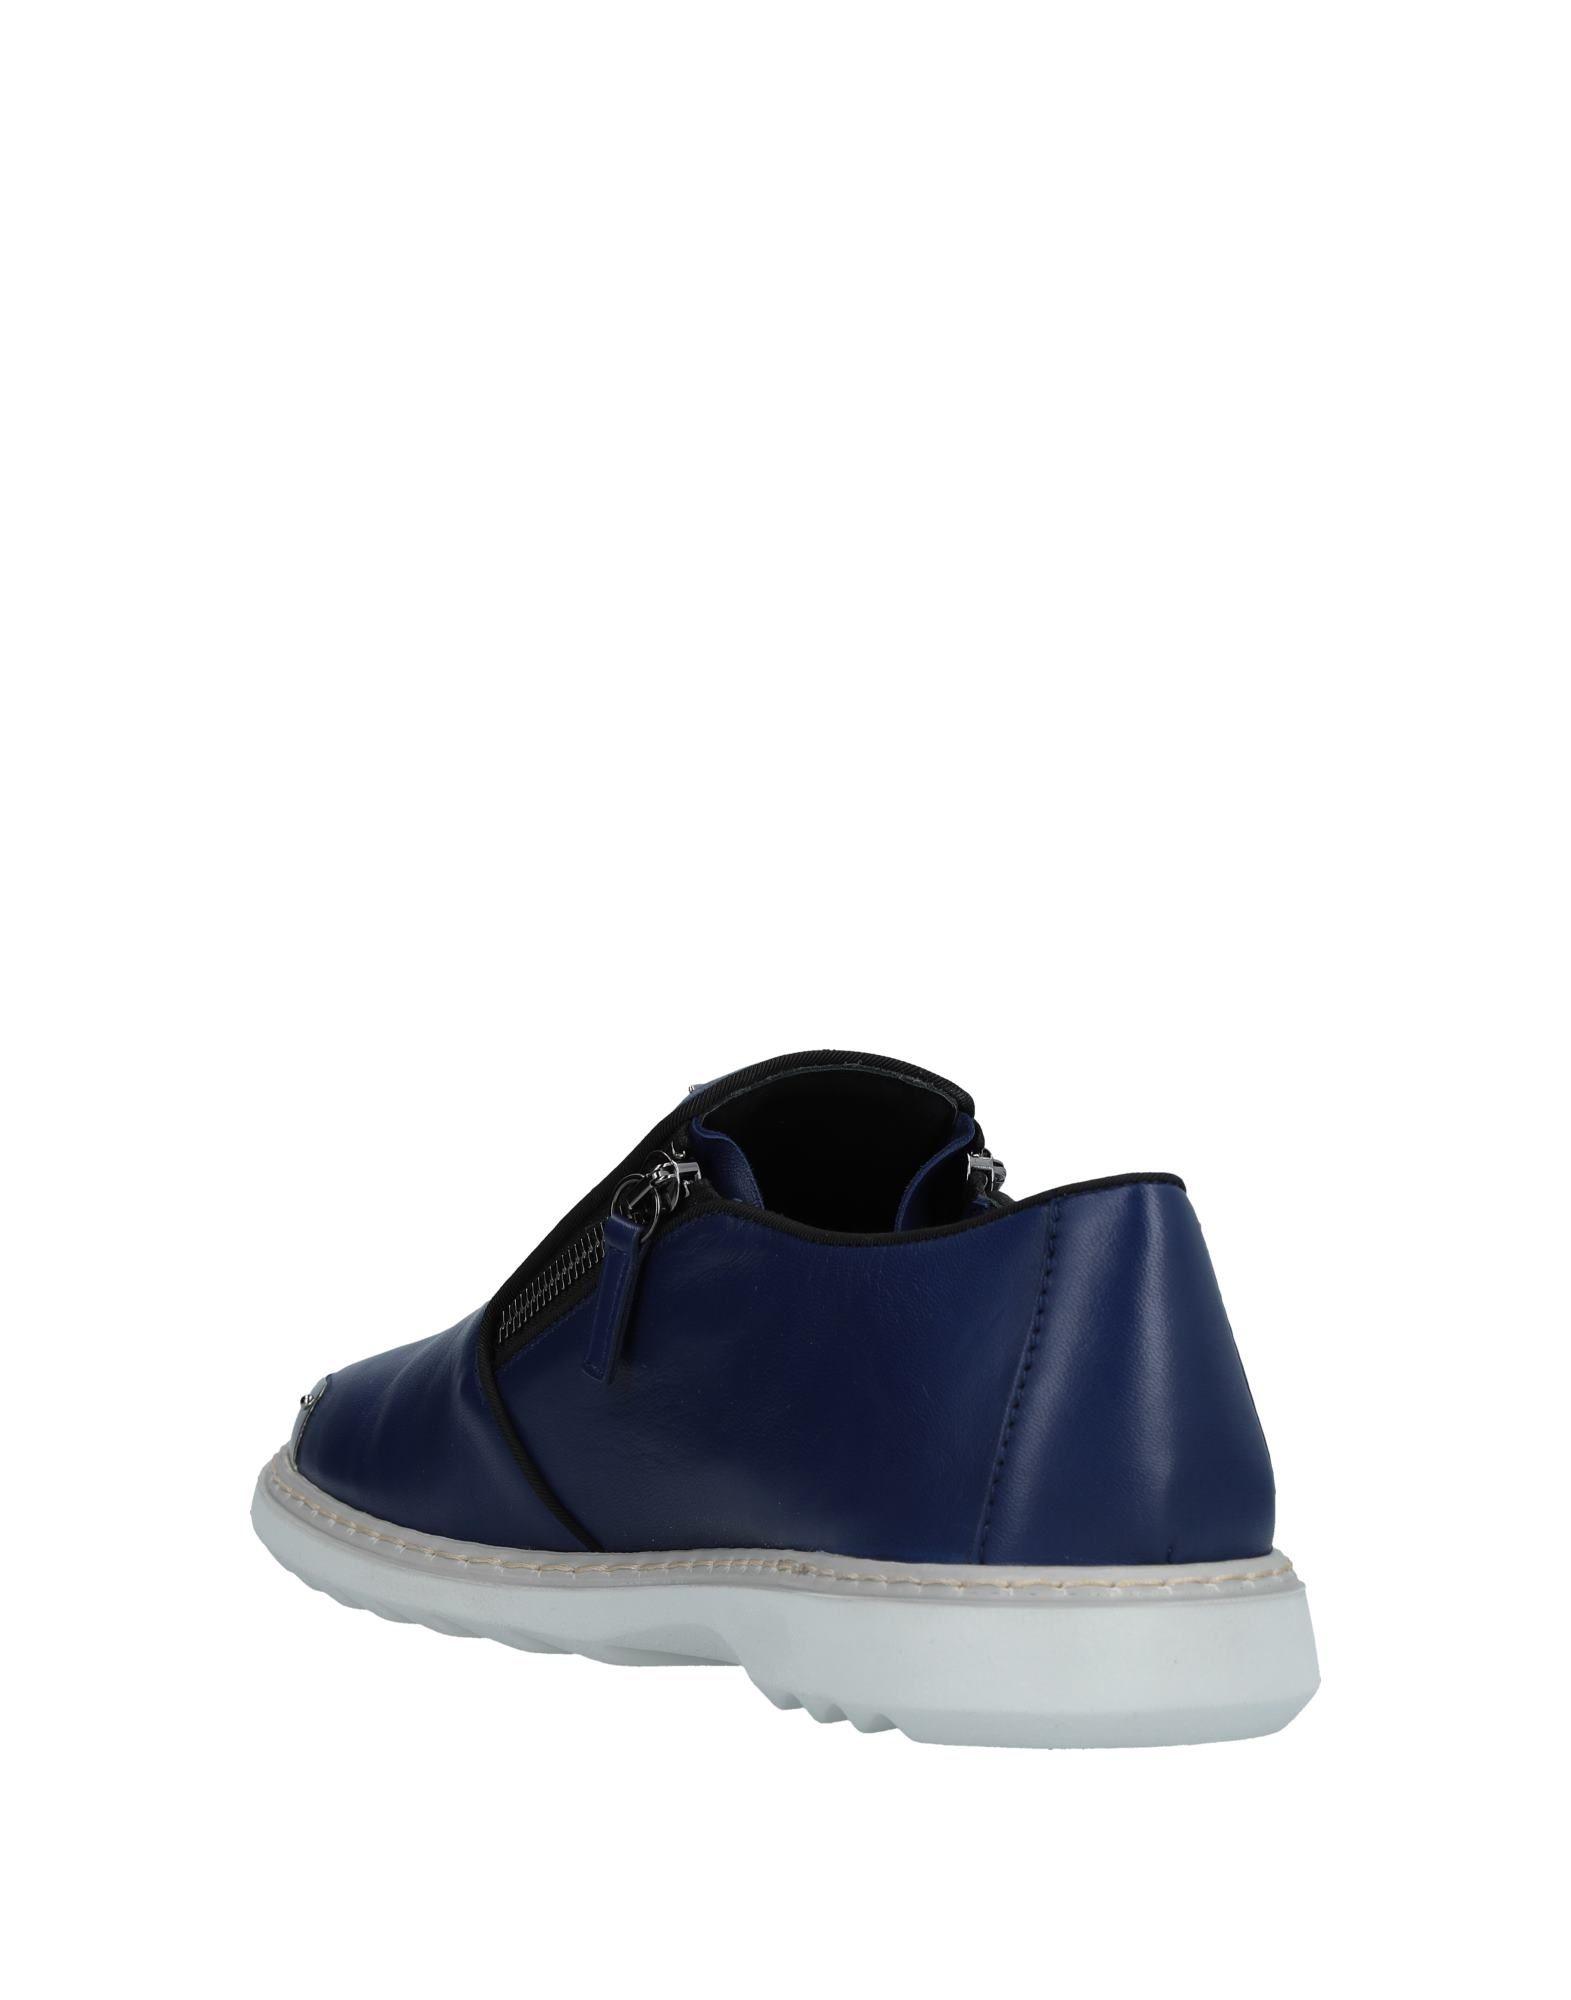 Giuseppe Zanotti Sneakers - Men Giuseppe Zanotti Sneakers online on on on  Australia - 11517857SV 6b0d6d